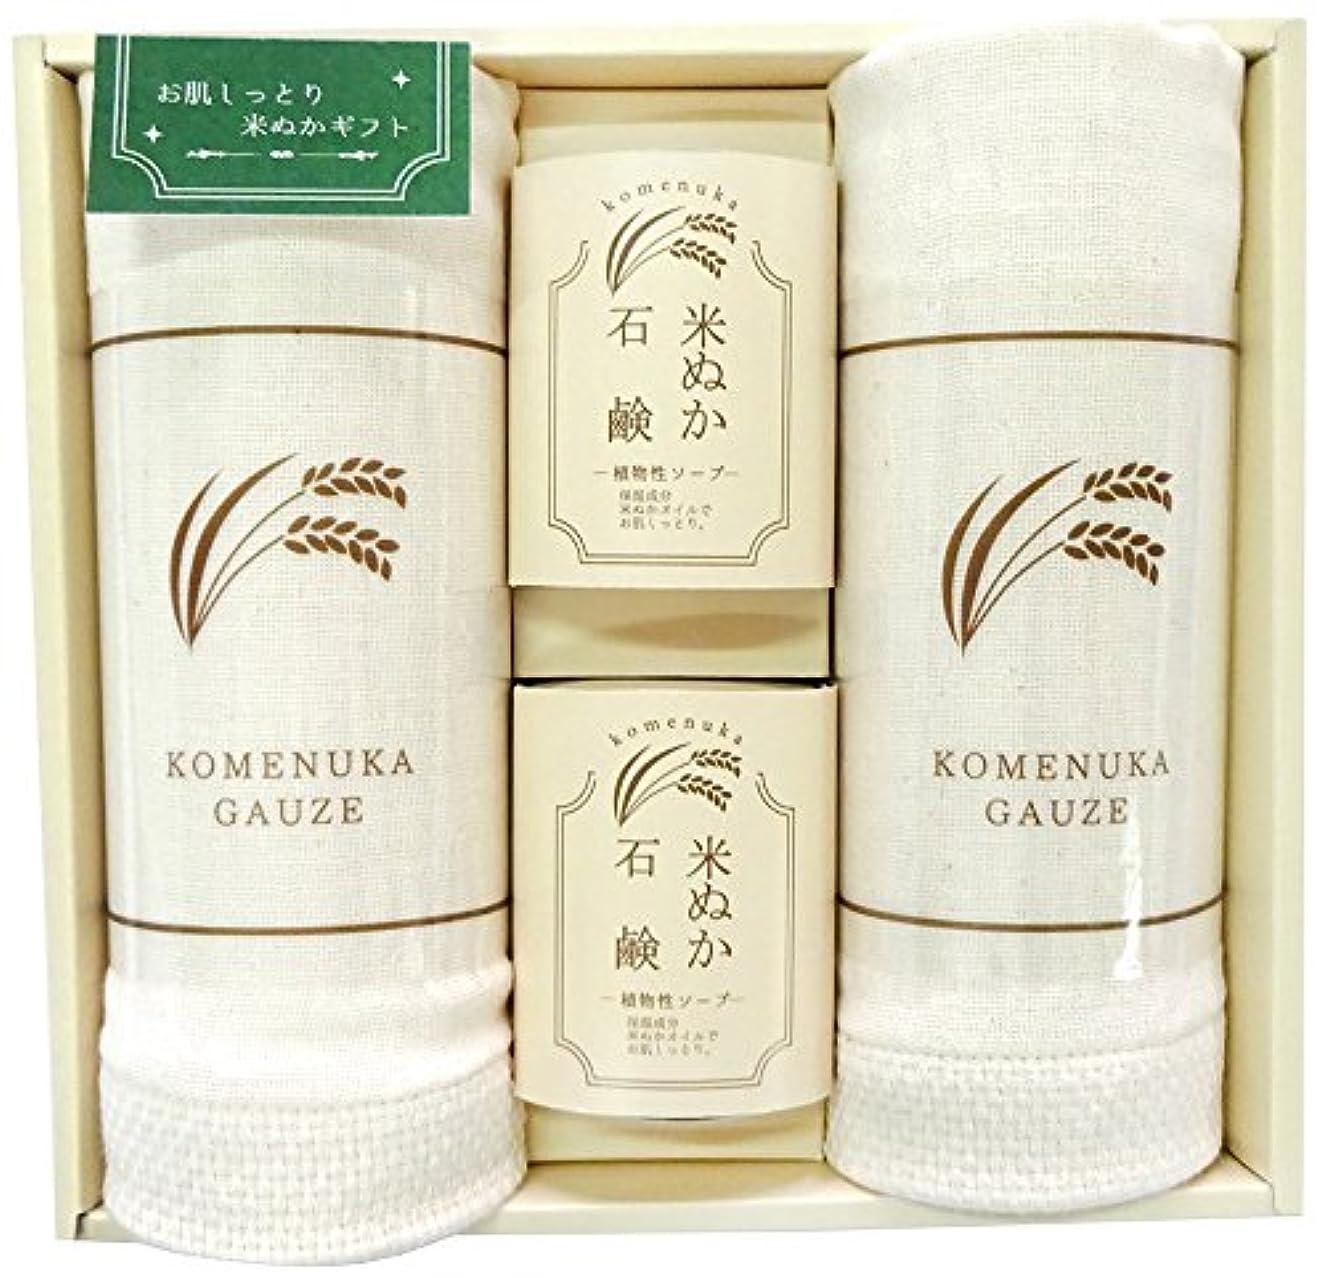 人形カナダきらめき米ぬか健康ギフト (ウォッシュタオル×2?石鹸×2) KOMG-150